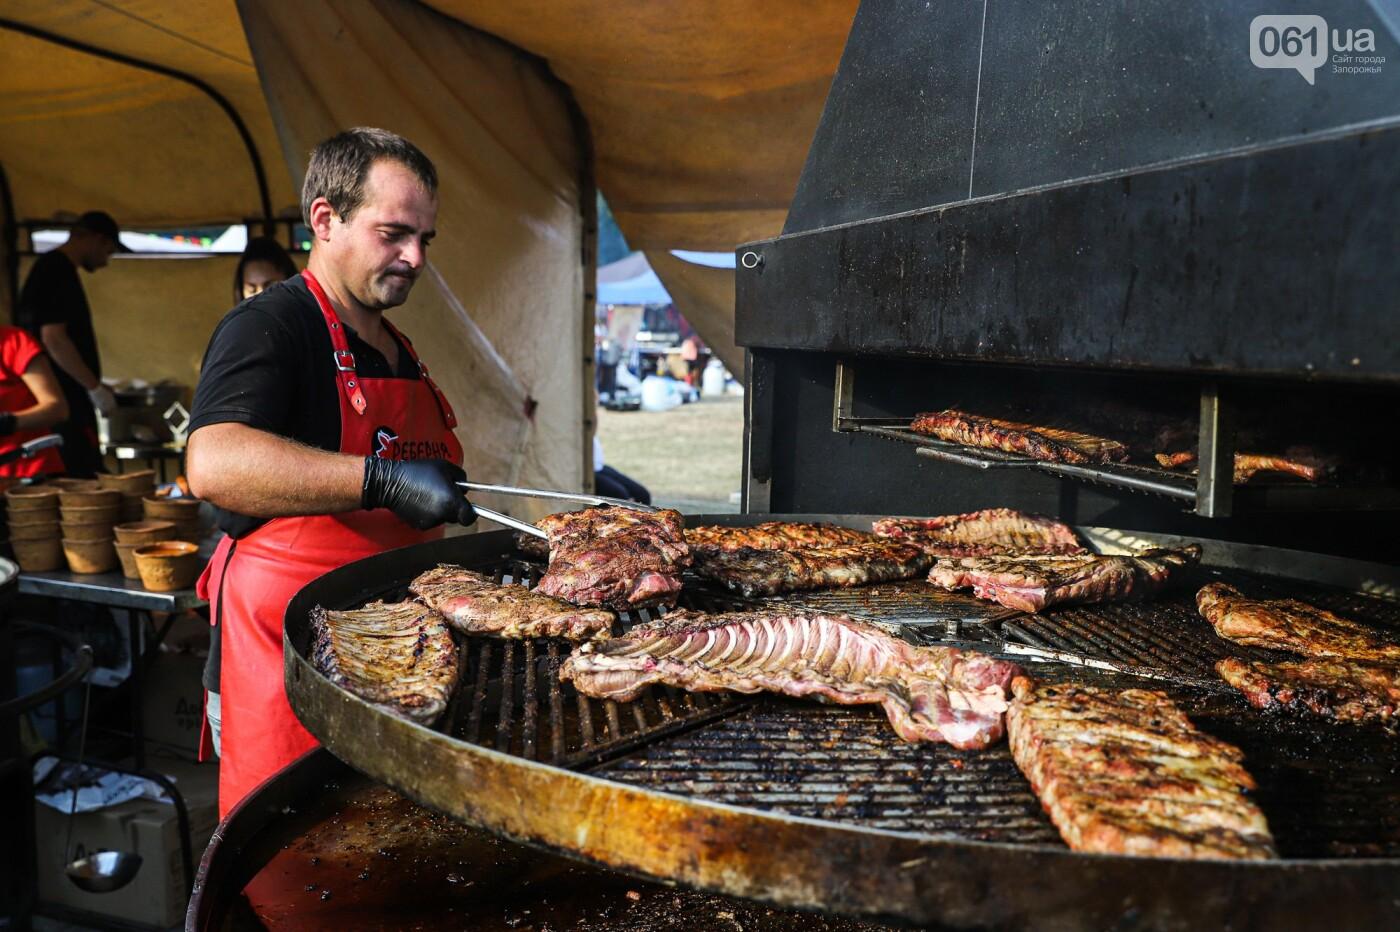 Бограч в хлебных горшочках и мясо из уникальной печи: что нового на фестивале уличной еды в Запорожье, - ФОТОРЕПОРТАЖ, фото-13